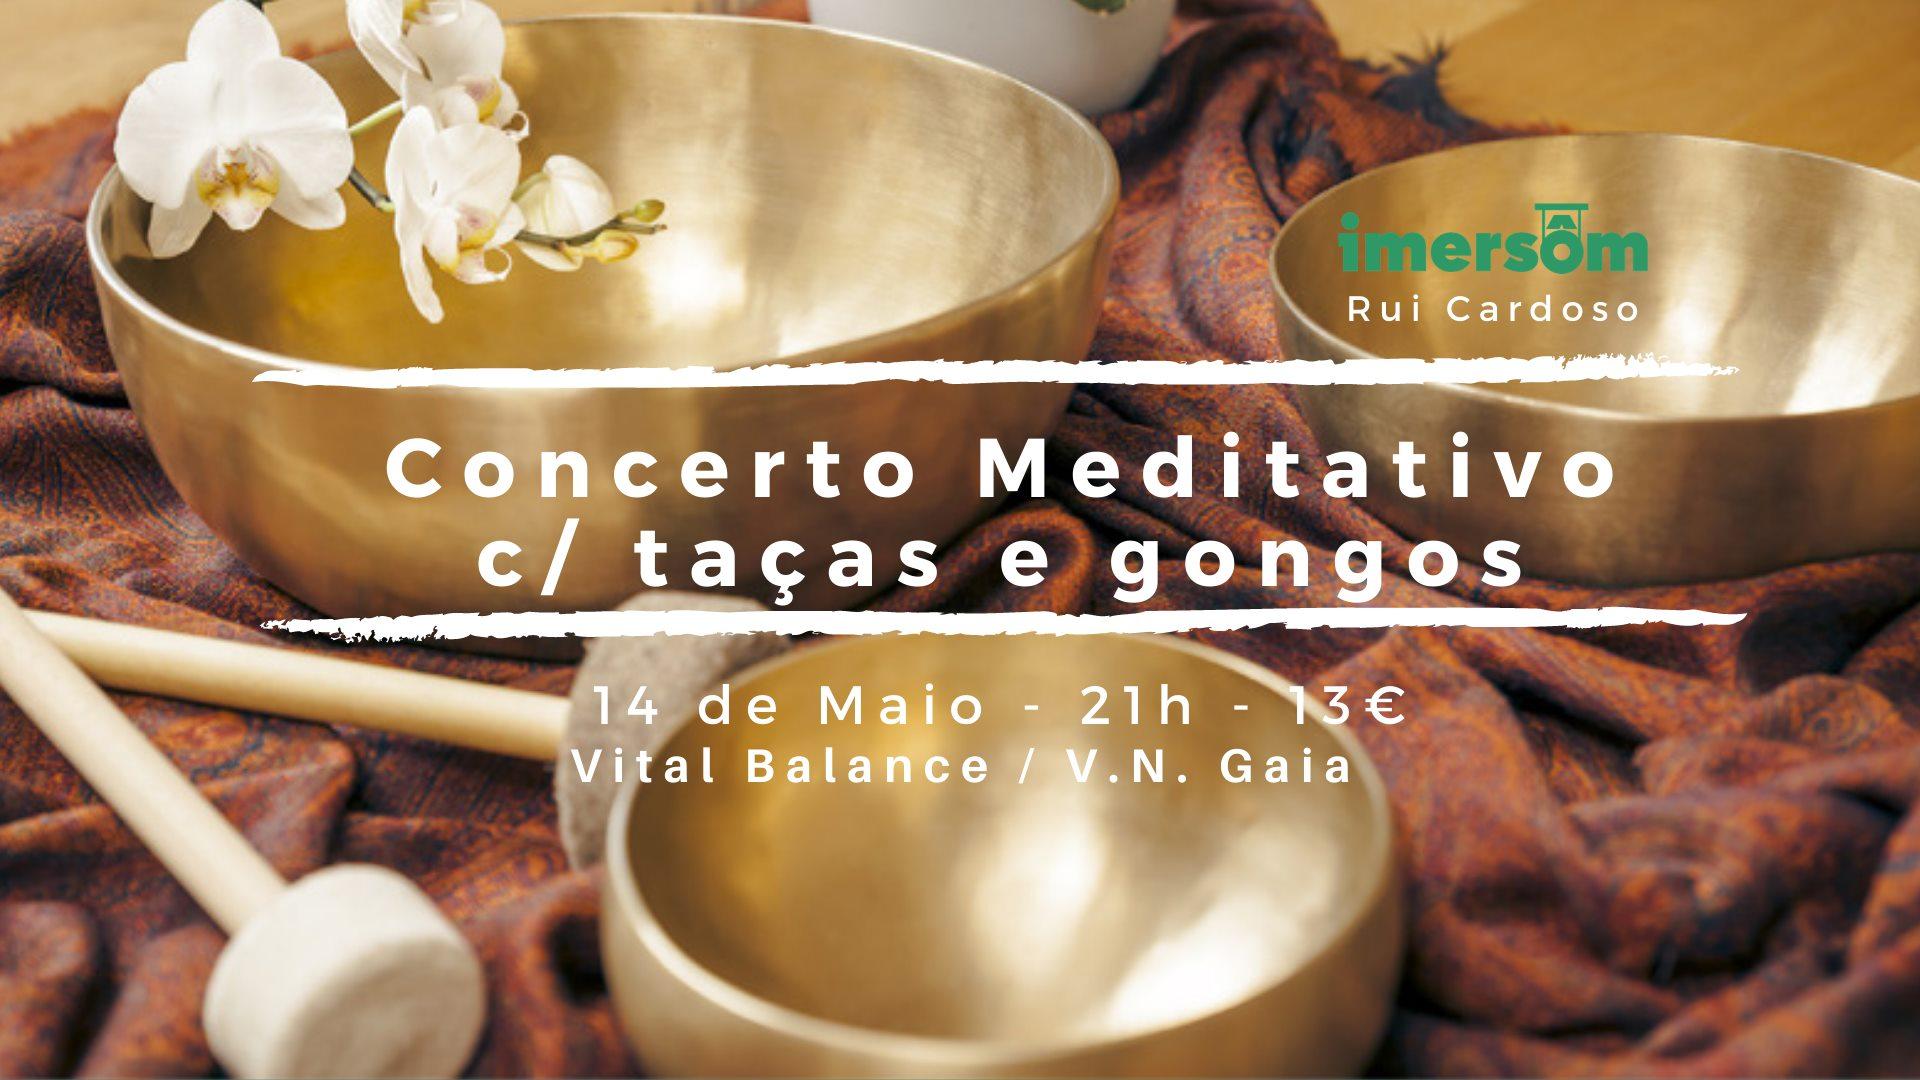 Concerto Meditativo com taças e gongos (Vital Balance)